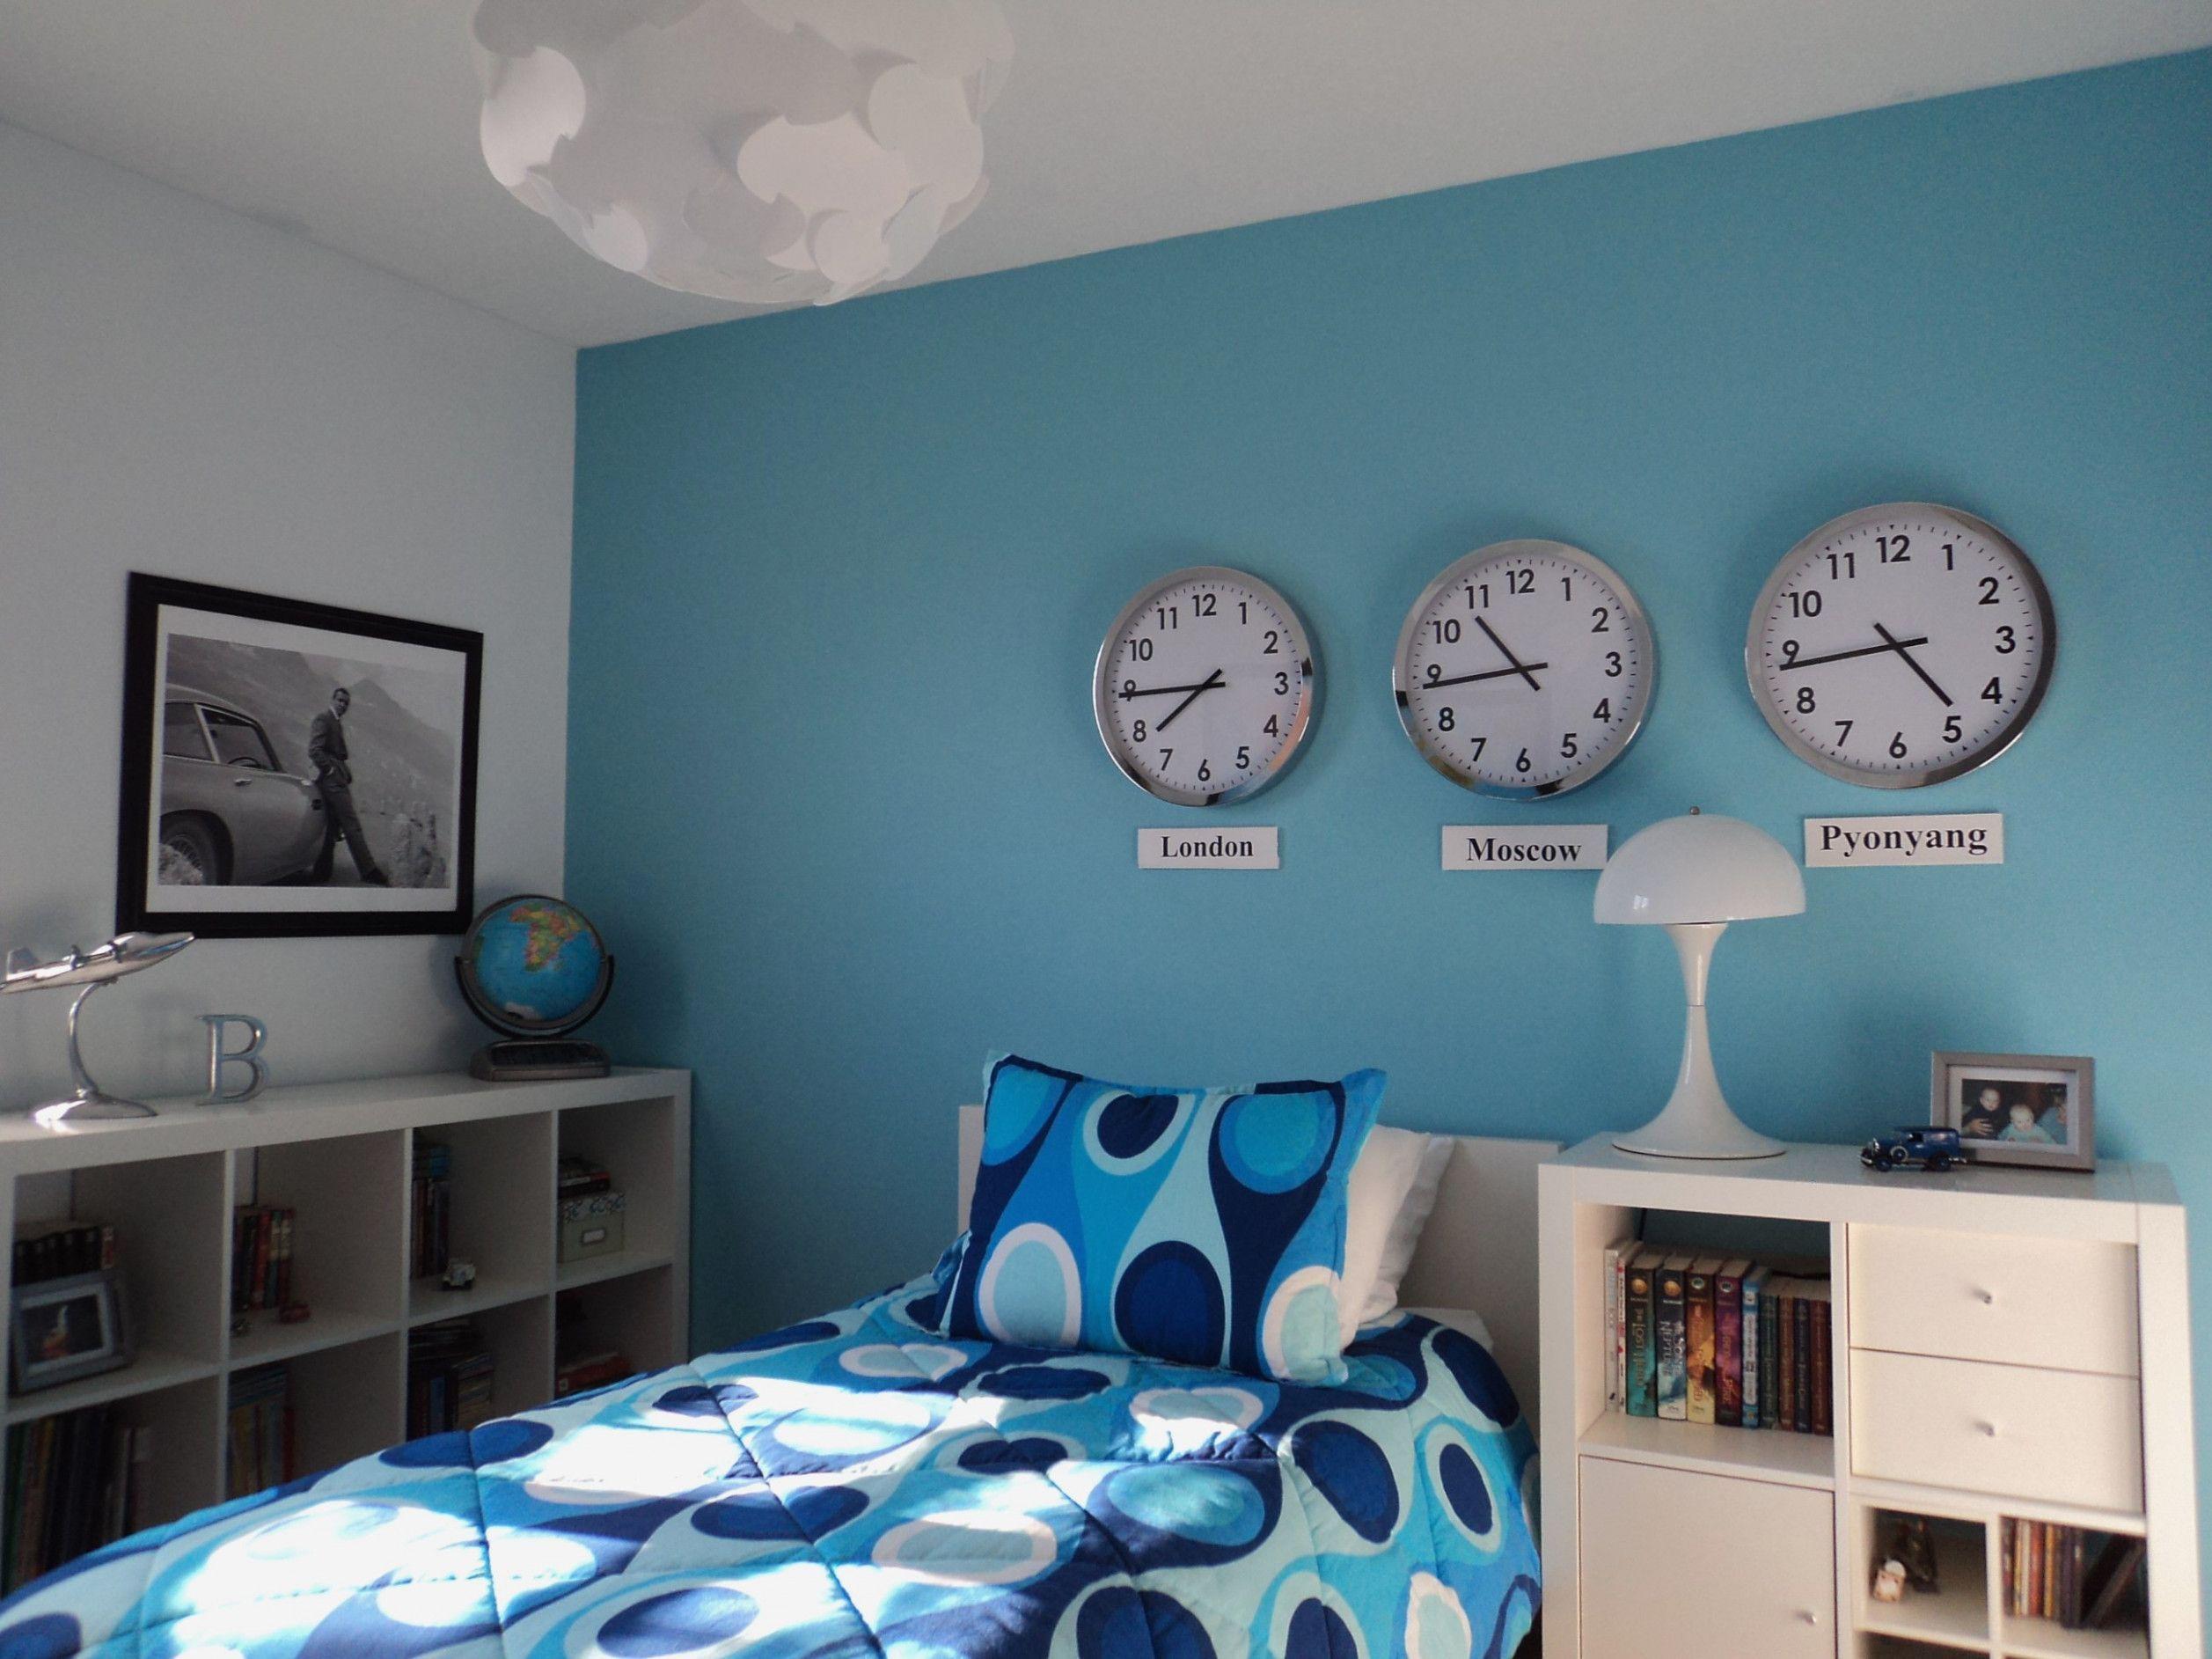 Girls Bedroom 8 Year Old Bedroom Ideas Bedroom Ideas For 11 Year Old Girls Bedroom Ideass Blue Room Decor Girls Blue Bedroom Boys Room Blue